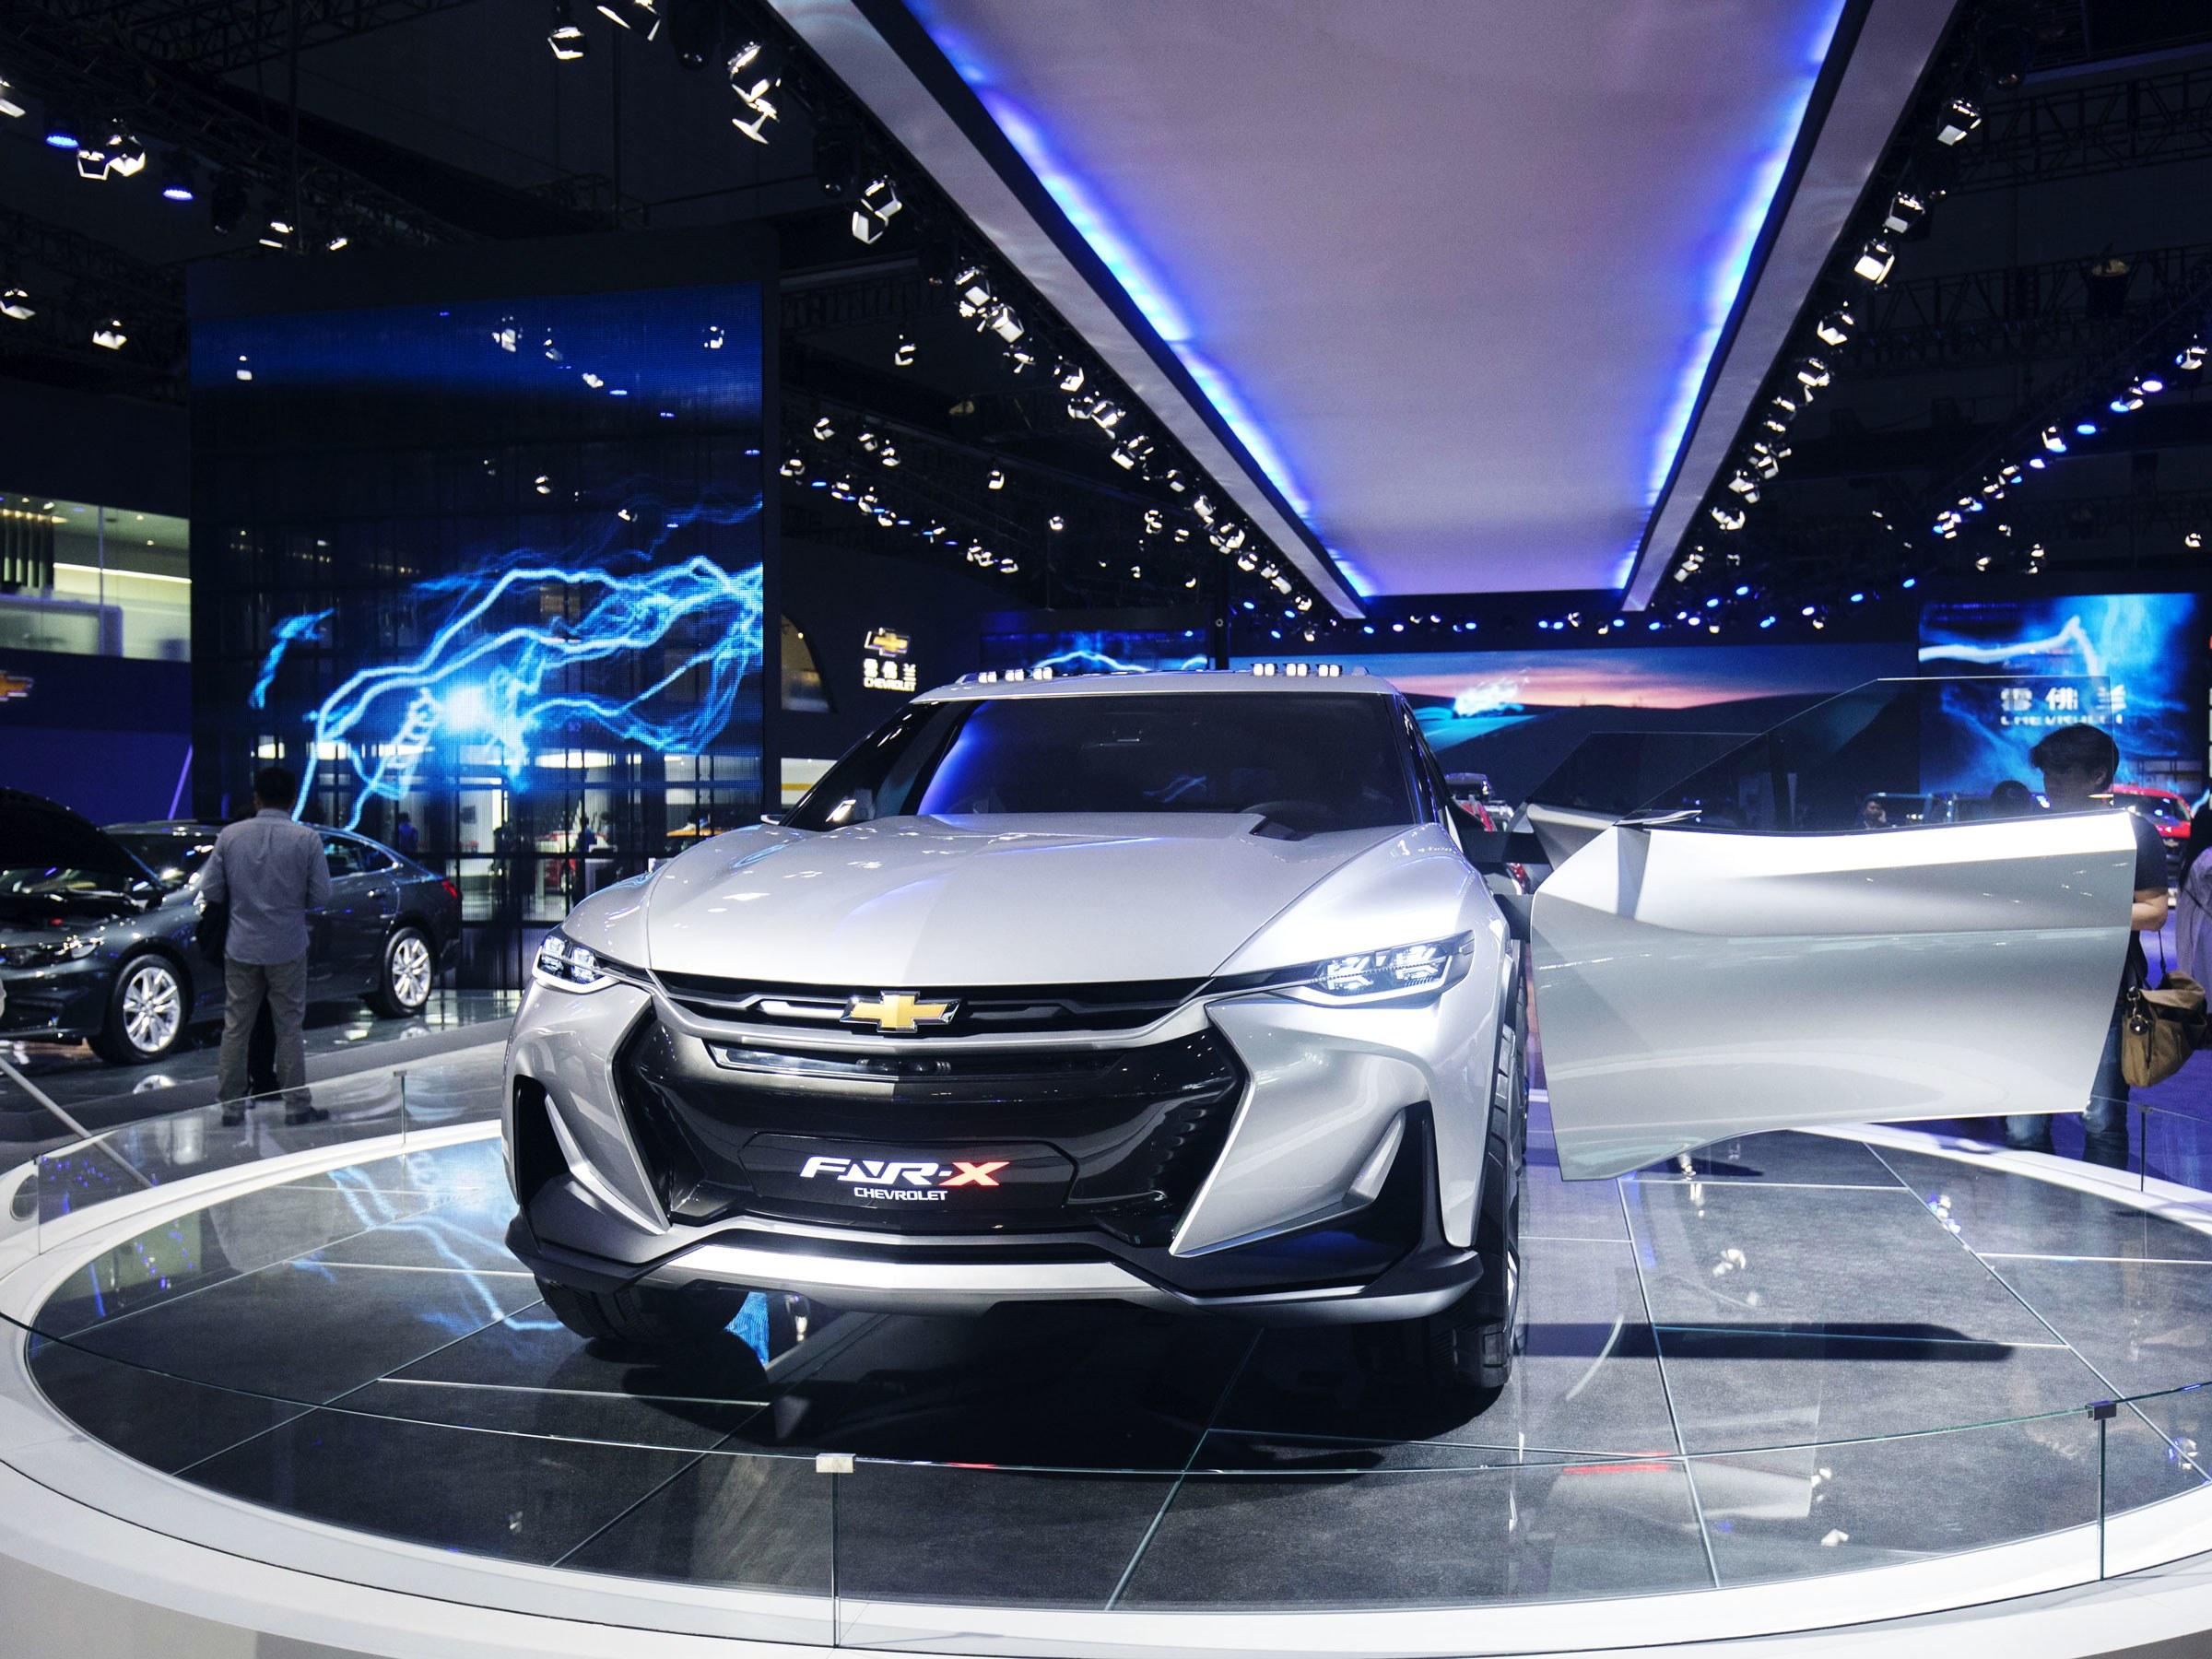 Trung Quốc giảm mạnh thuế nhập khẩu ô tô và linh kiện